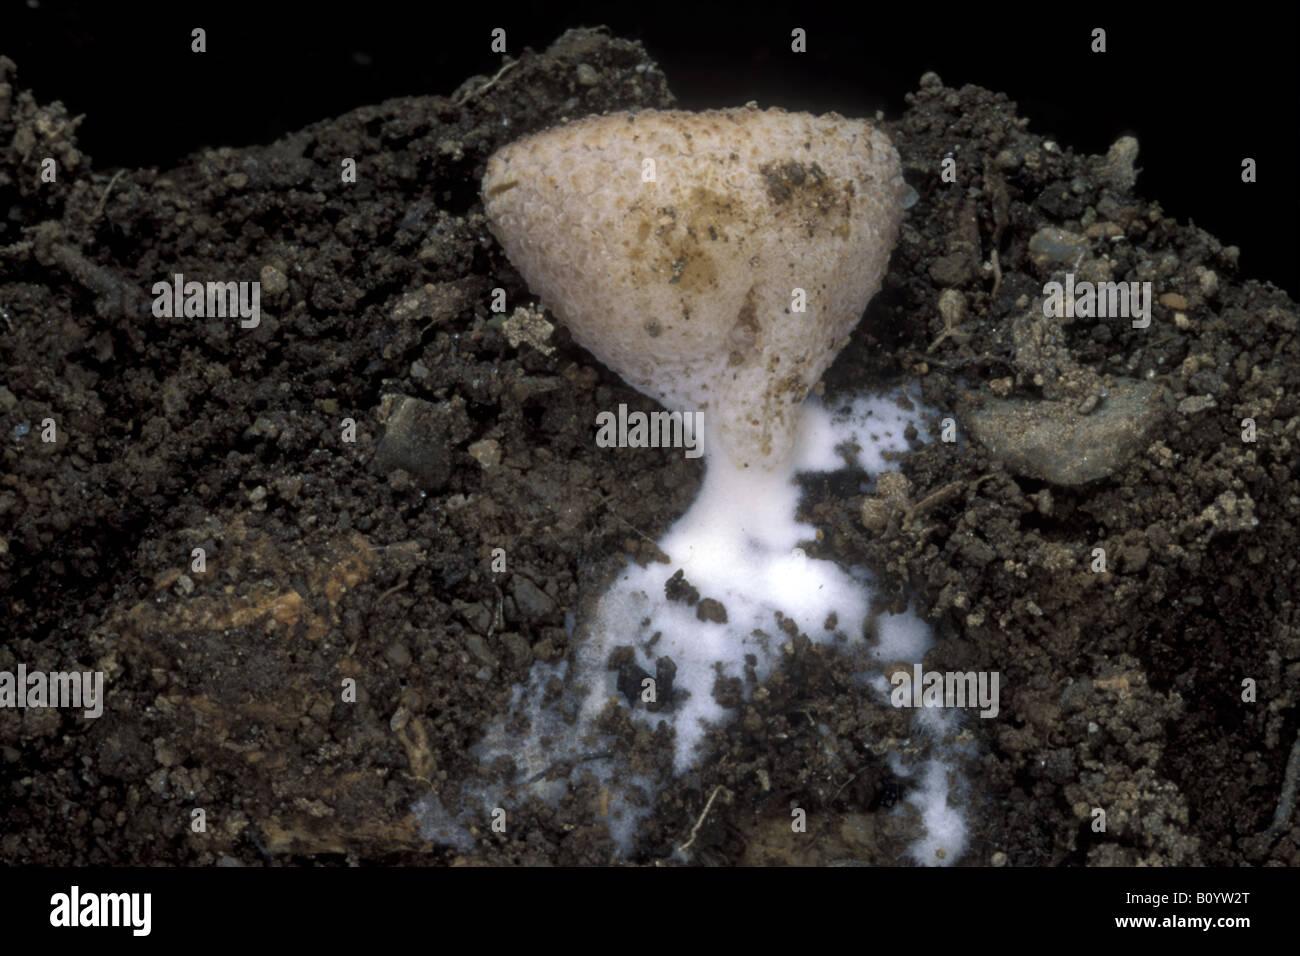 fungo fungus Peziza micropus fungo non ancora spuntato ife sezione del terreno con fungo Parco di Monza Parco Regionale - Stock Image